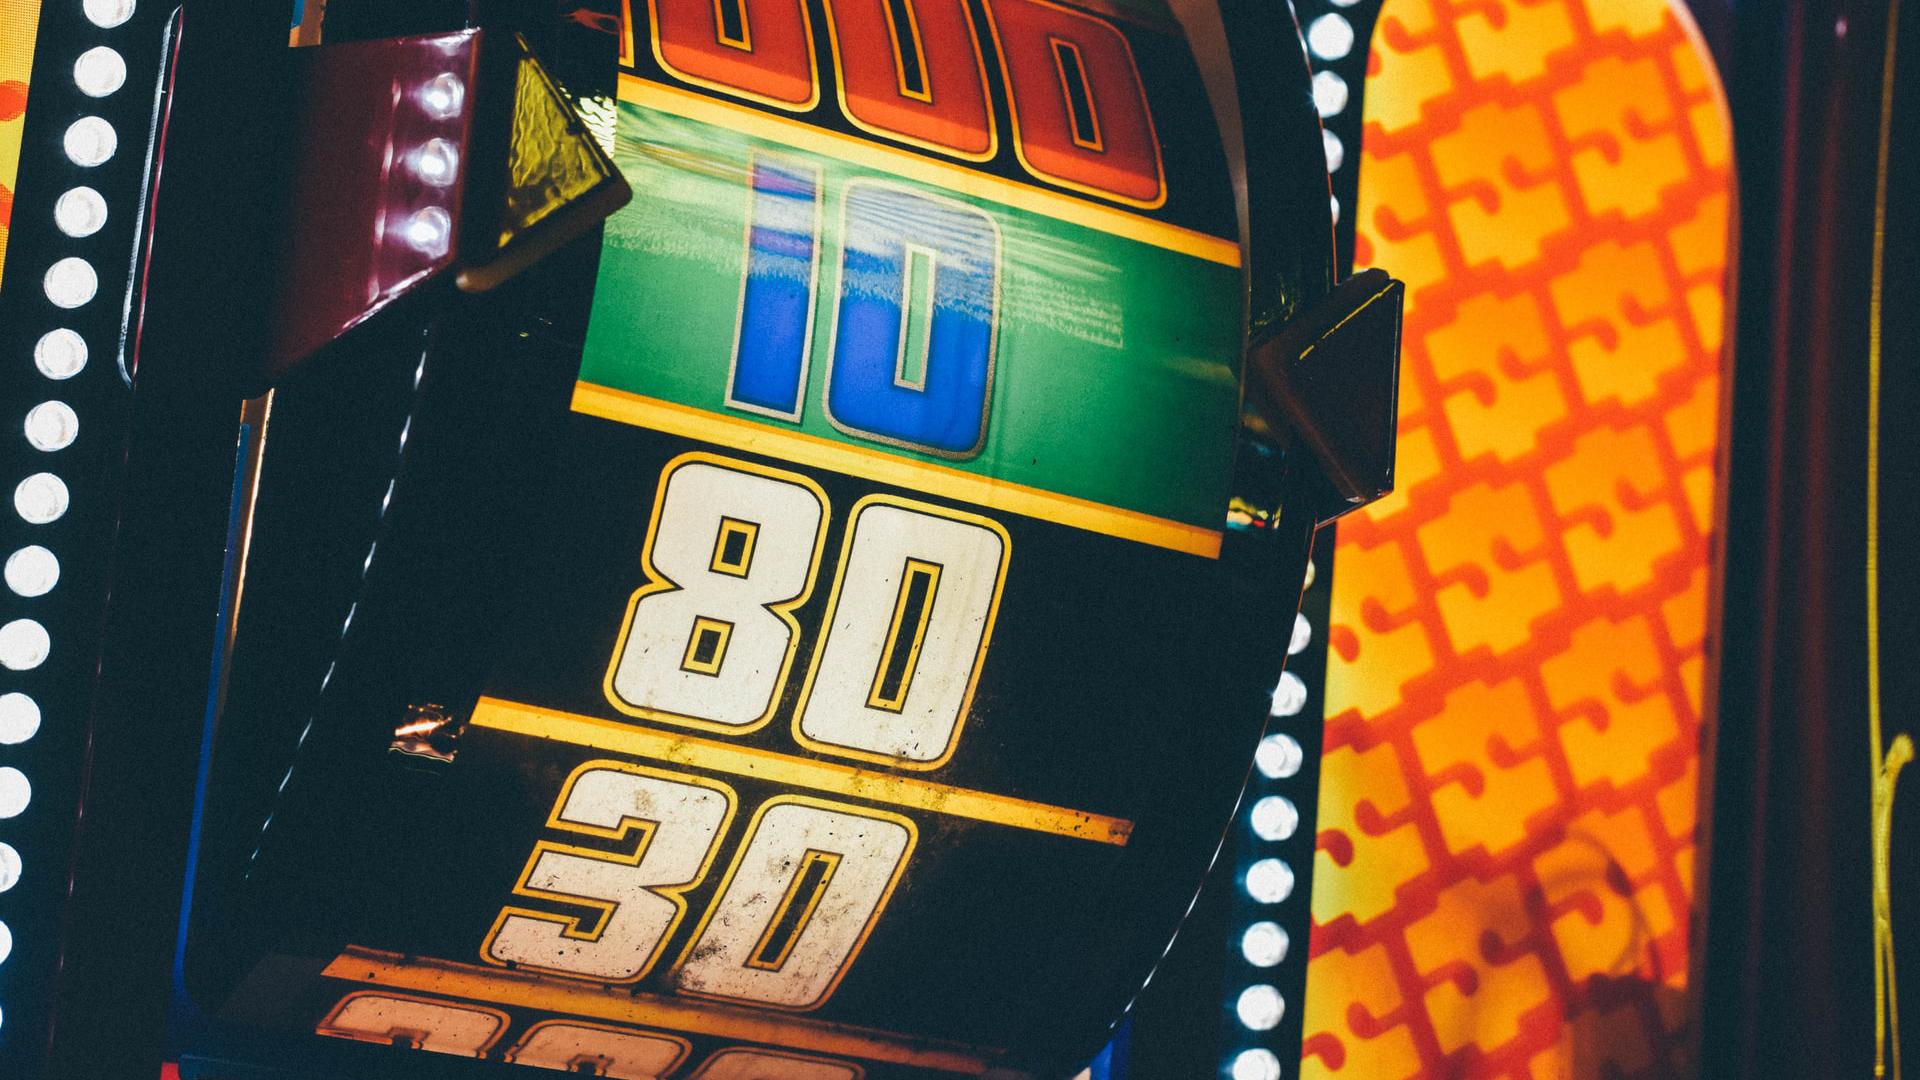 Une enquête du magazine américain Wired montre que certains streameurs font la promotion de sites de paris interdits aux États-Unis, et qu'ils se font payer pour le faire. La popularité de ces casino crypto explose sur Twitch, où les mineurs peuvent